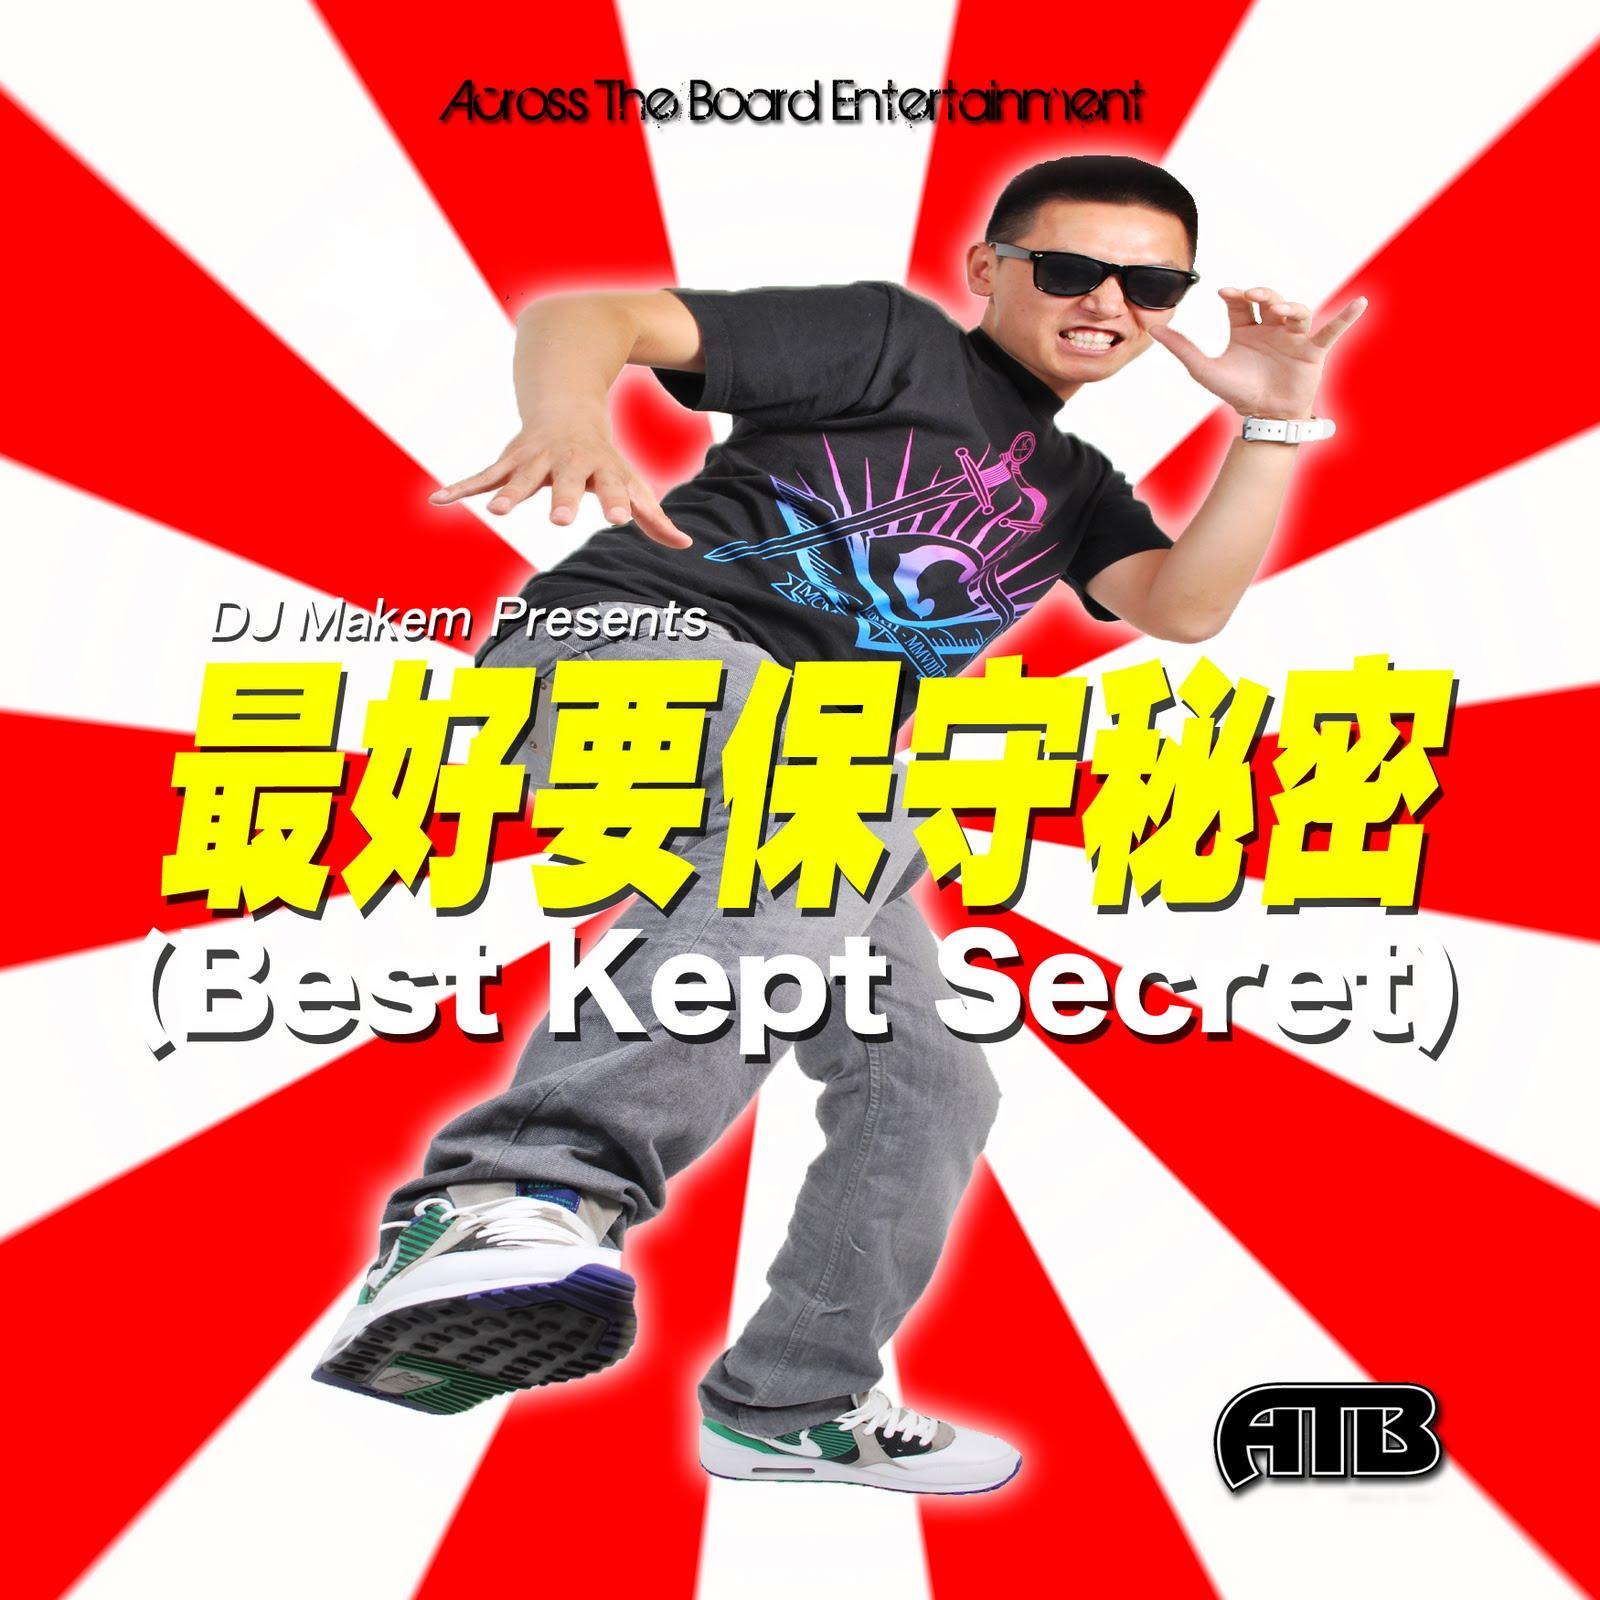 secret song mp3 download